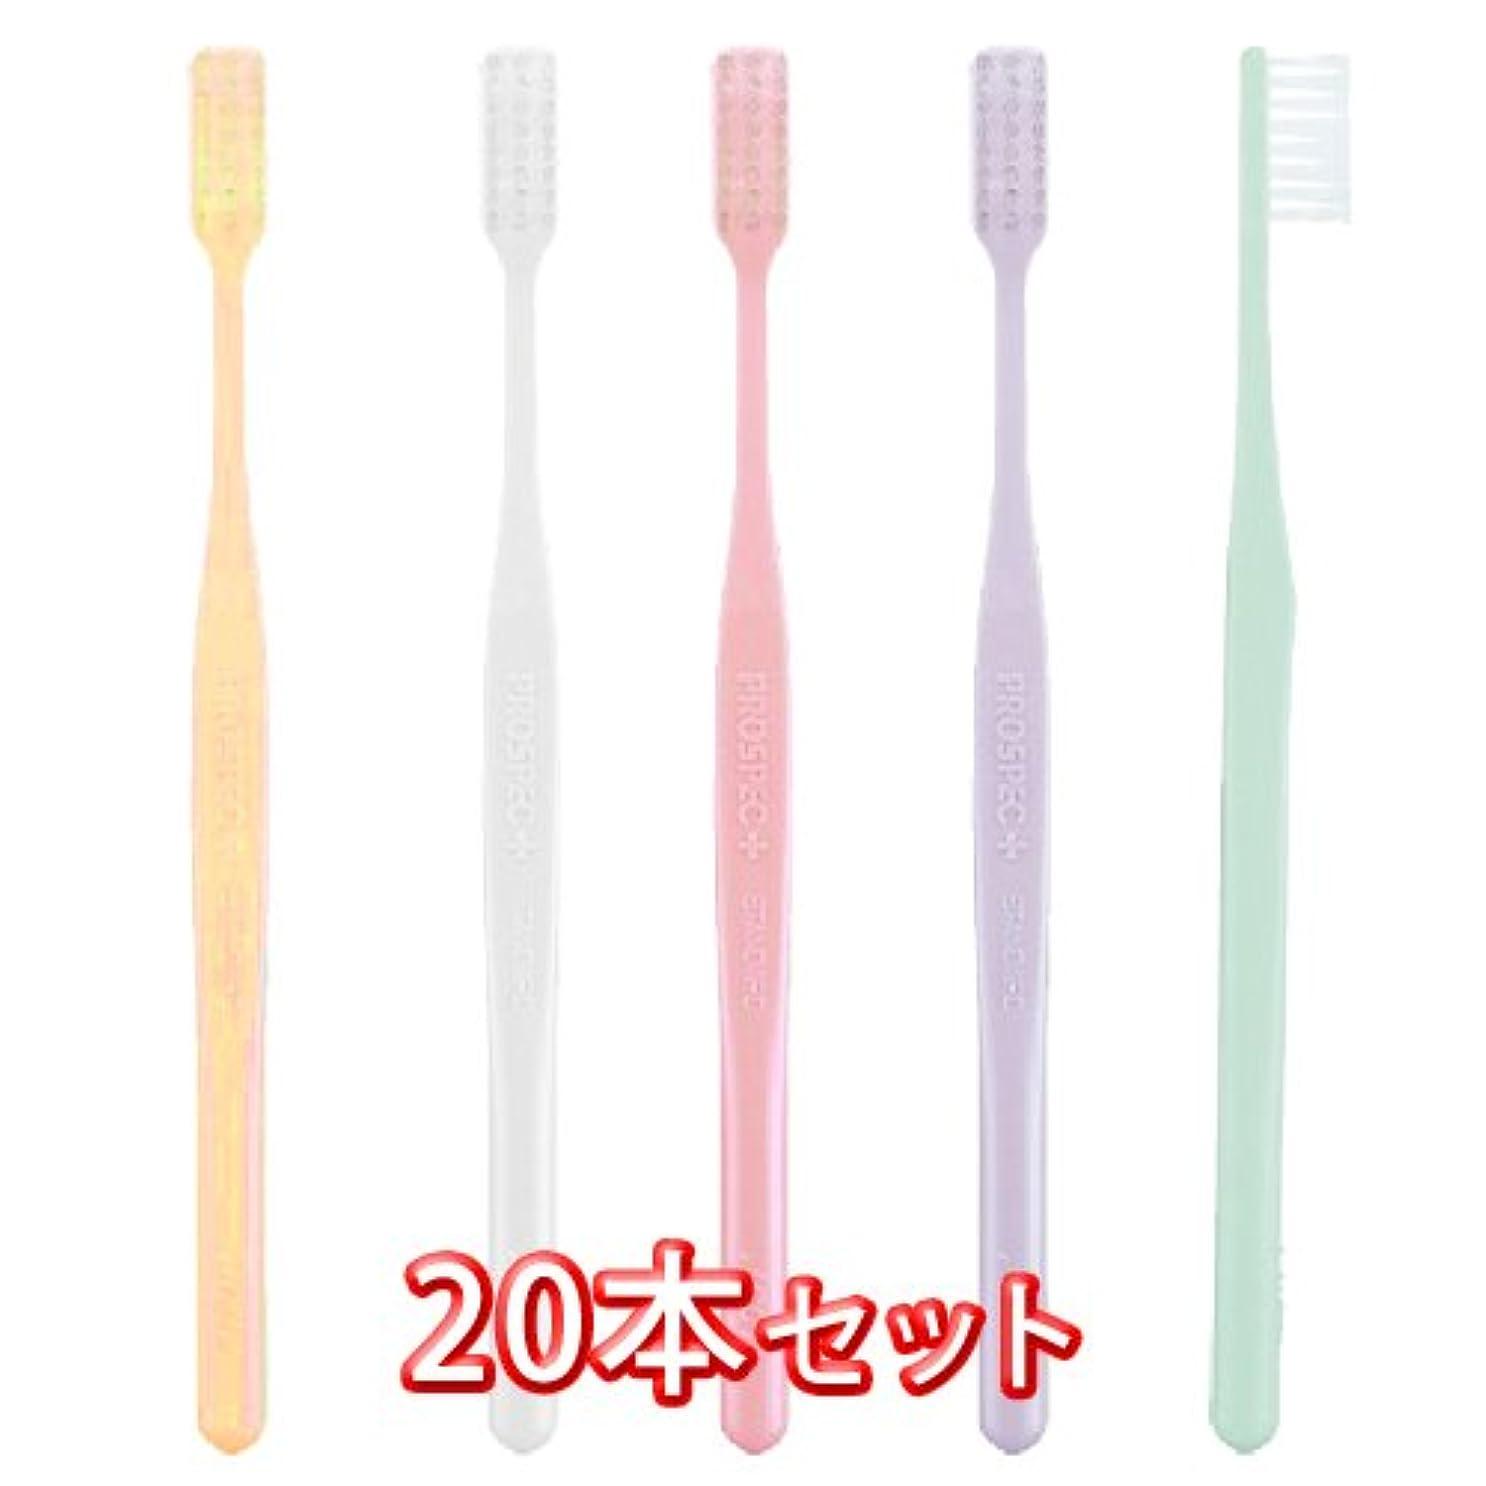 記録安定しました気分が悪いプロスペック 歯ブラシ プラススタンダード 20本入 Mふつう